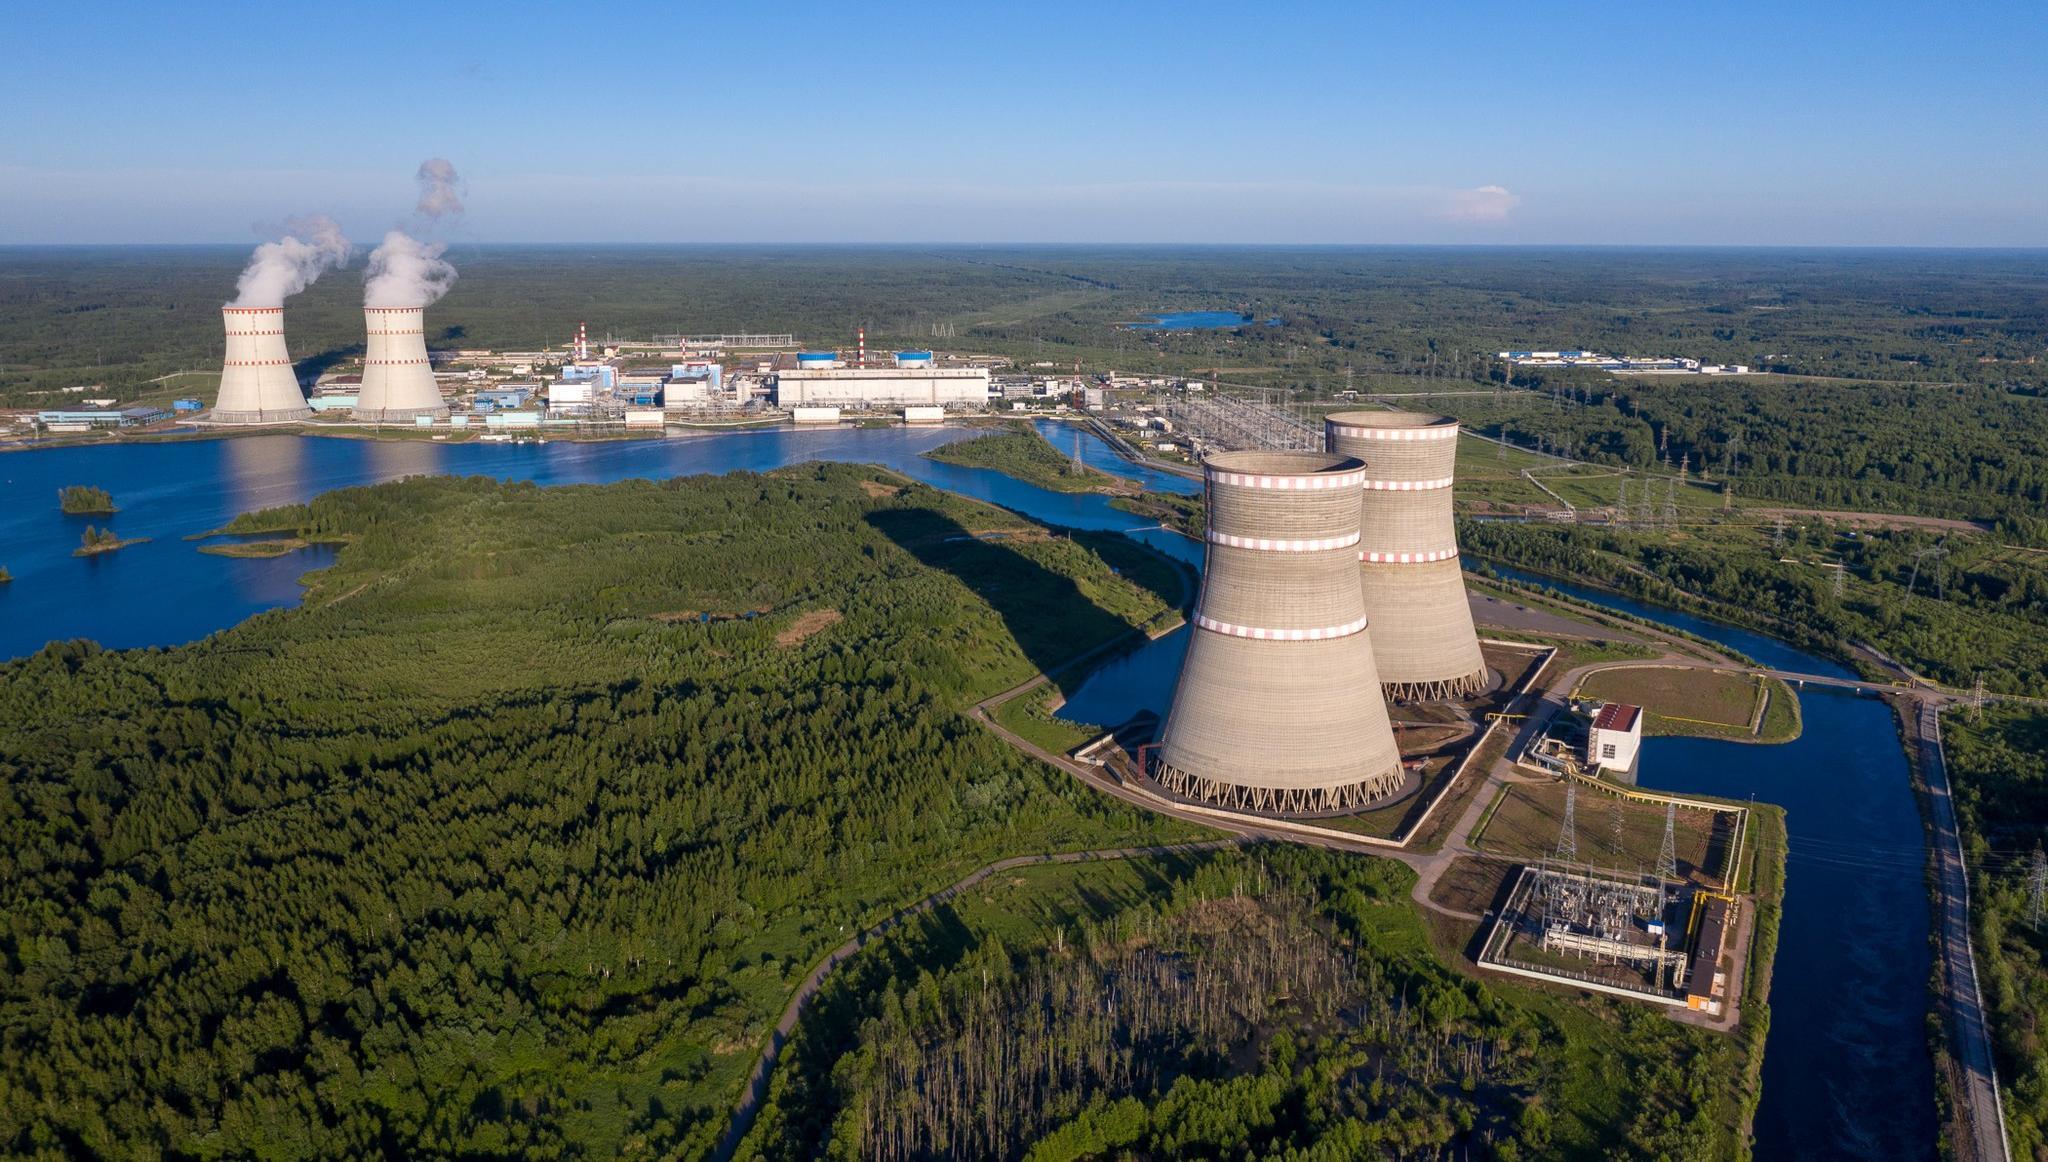 Калининская АЭС: 536 миллионов рублей составила дополнительная выручка в апреле 2021 года - новости Афанасий